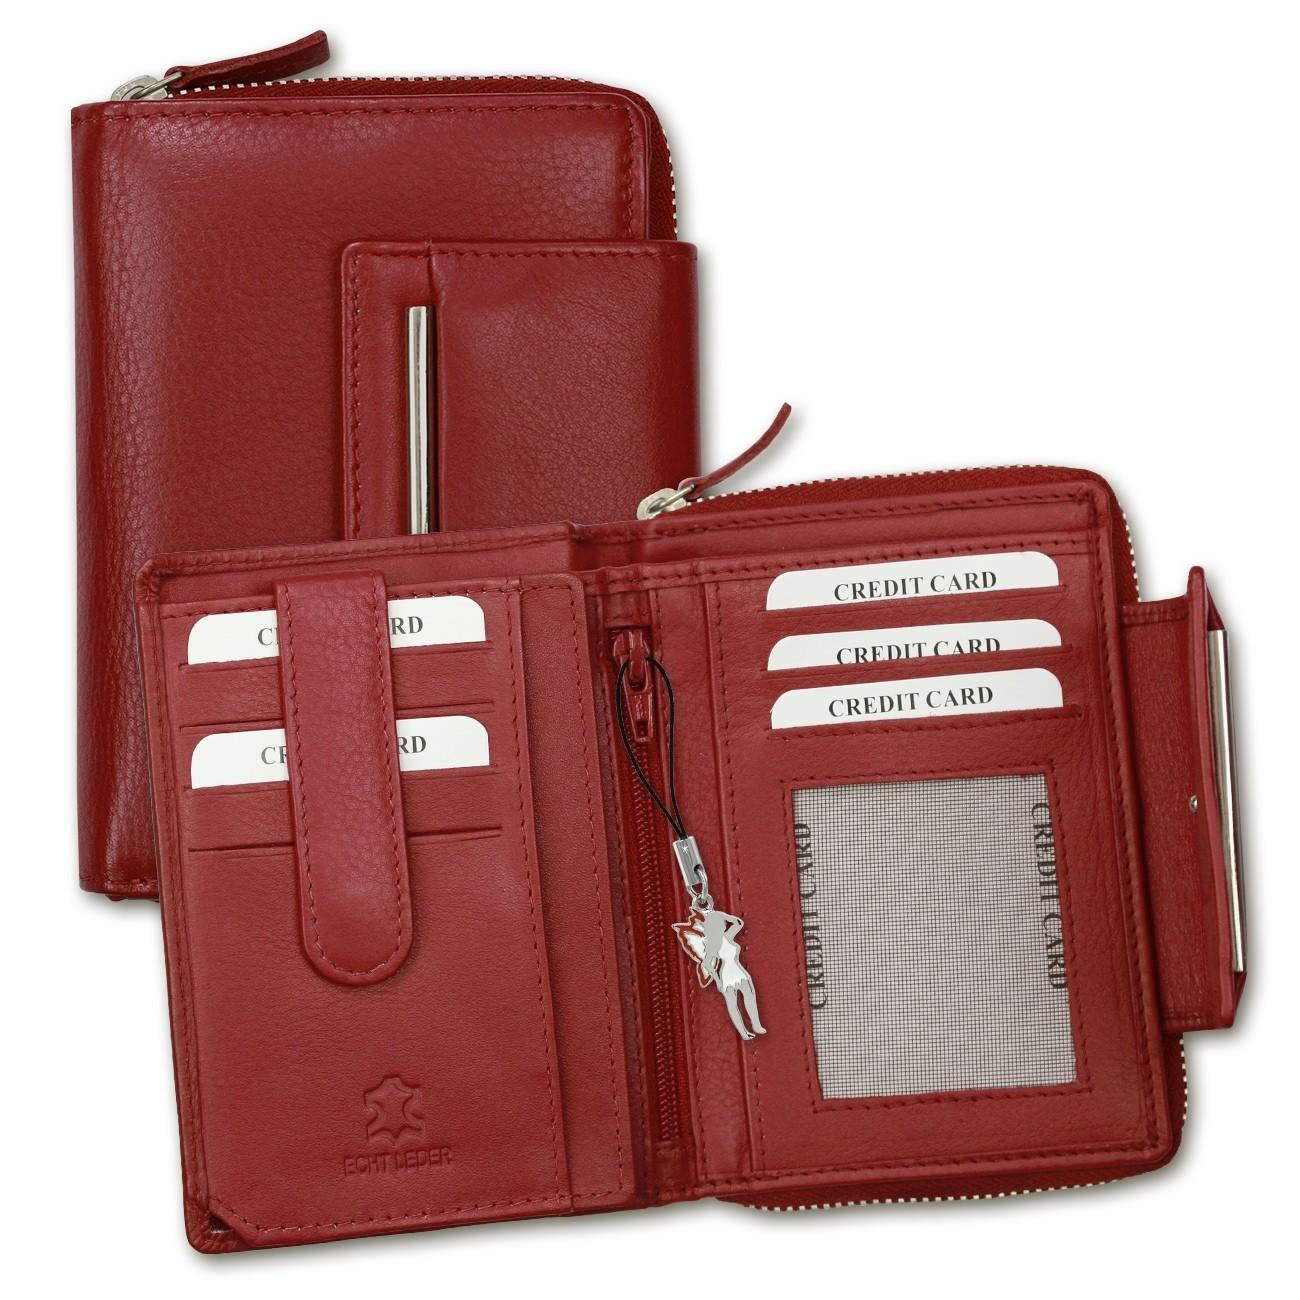 Geldbörse Leder rot Brieftasche Portemonnaie Hochformat DrachenLeder OPD716R